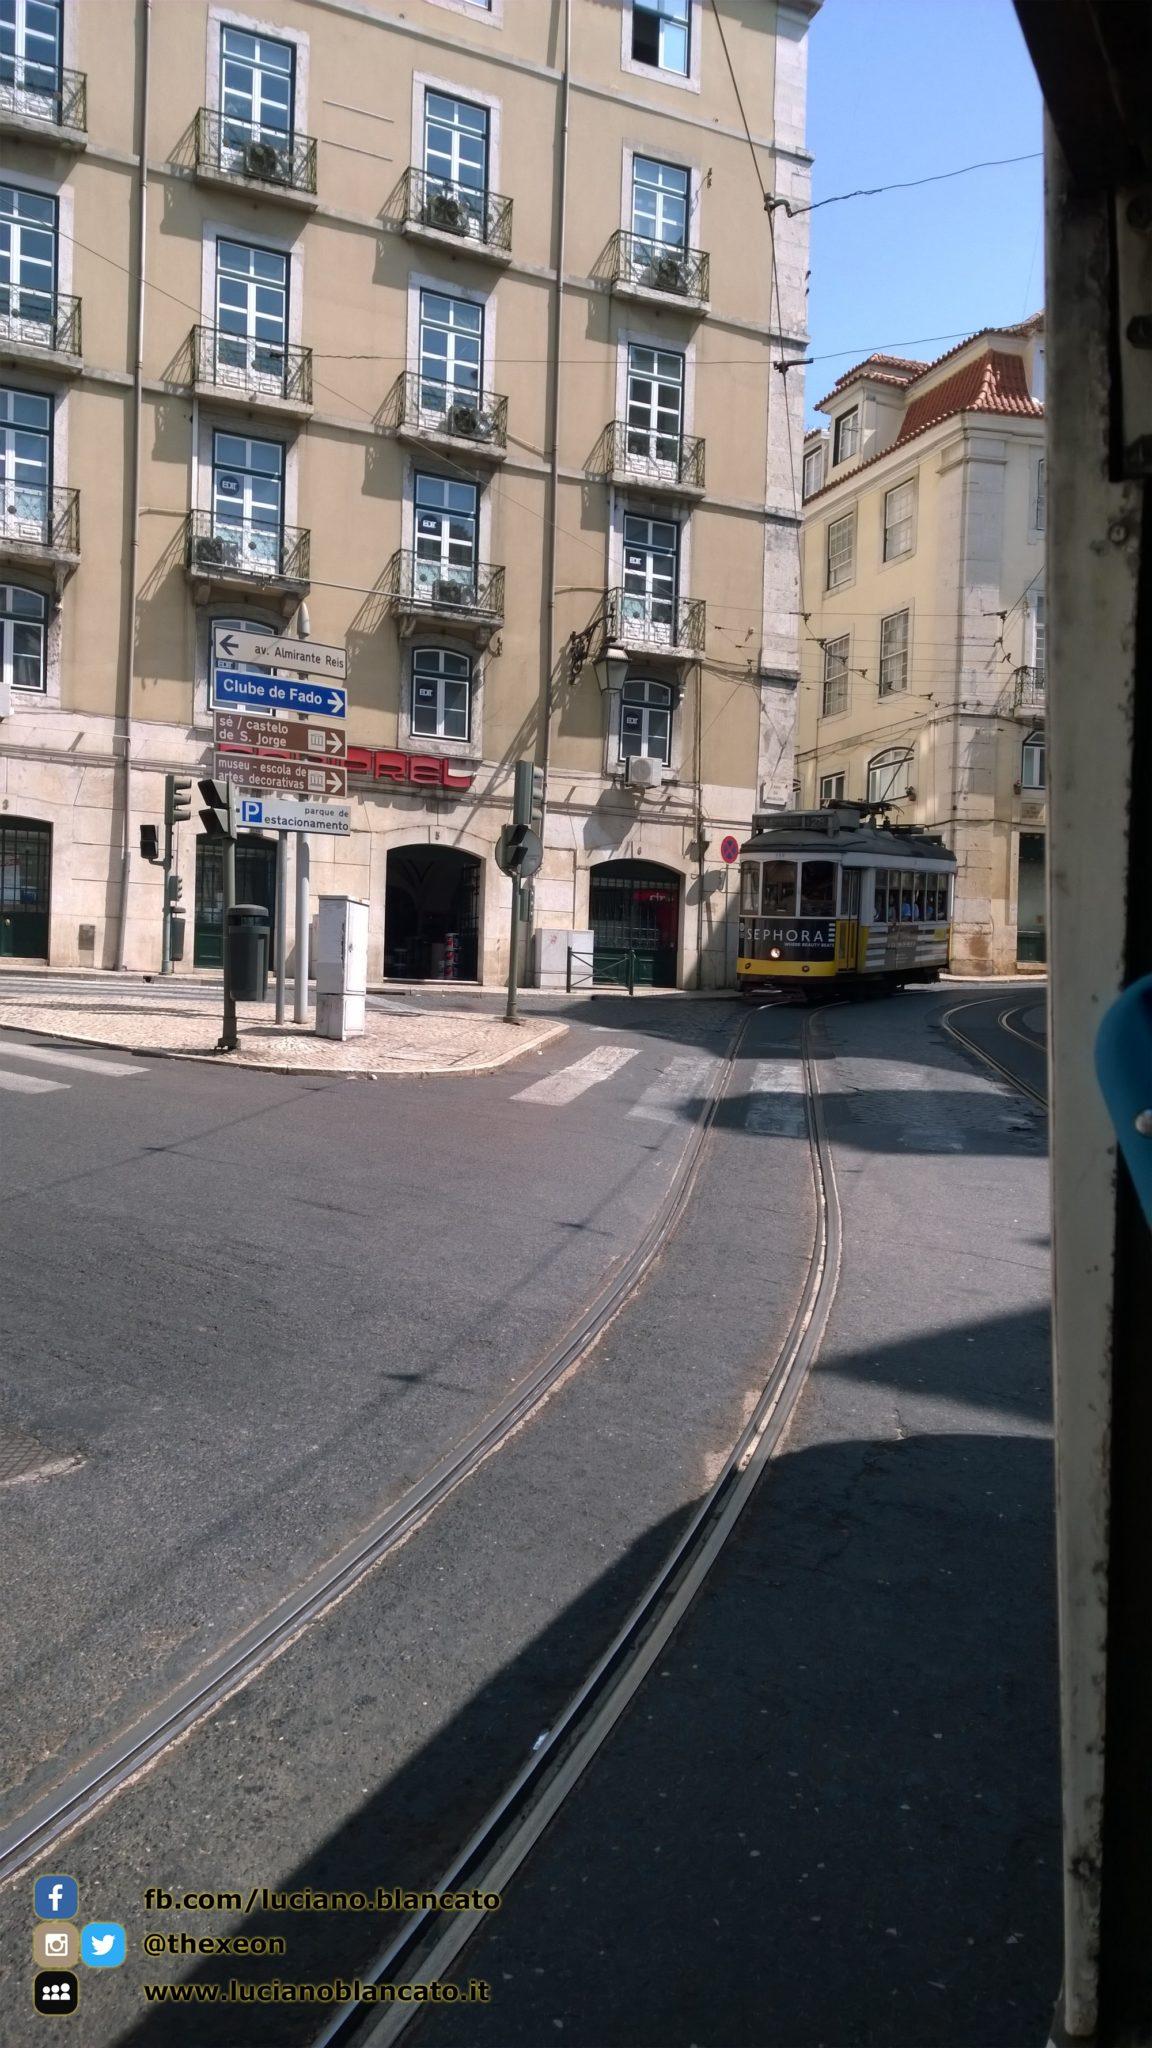 Lisbona - tram in arrivo